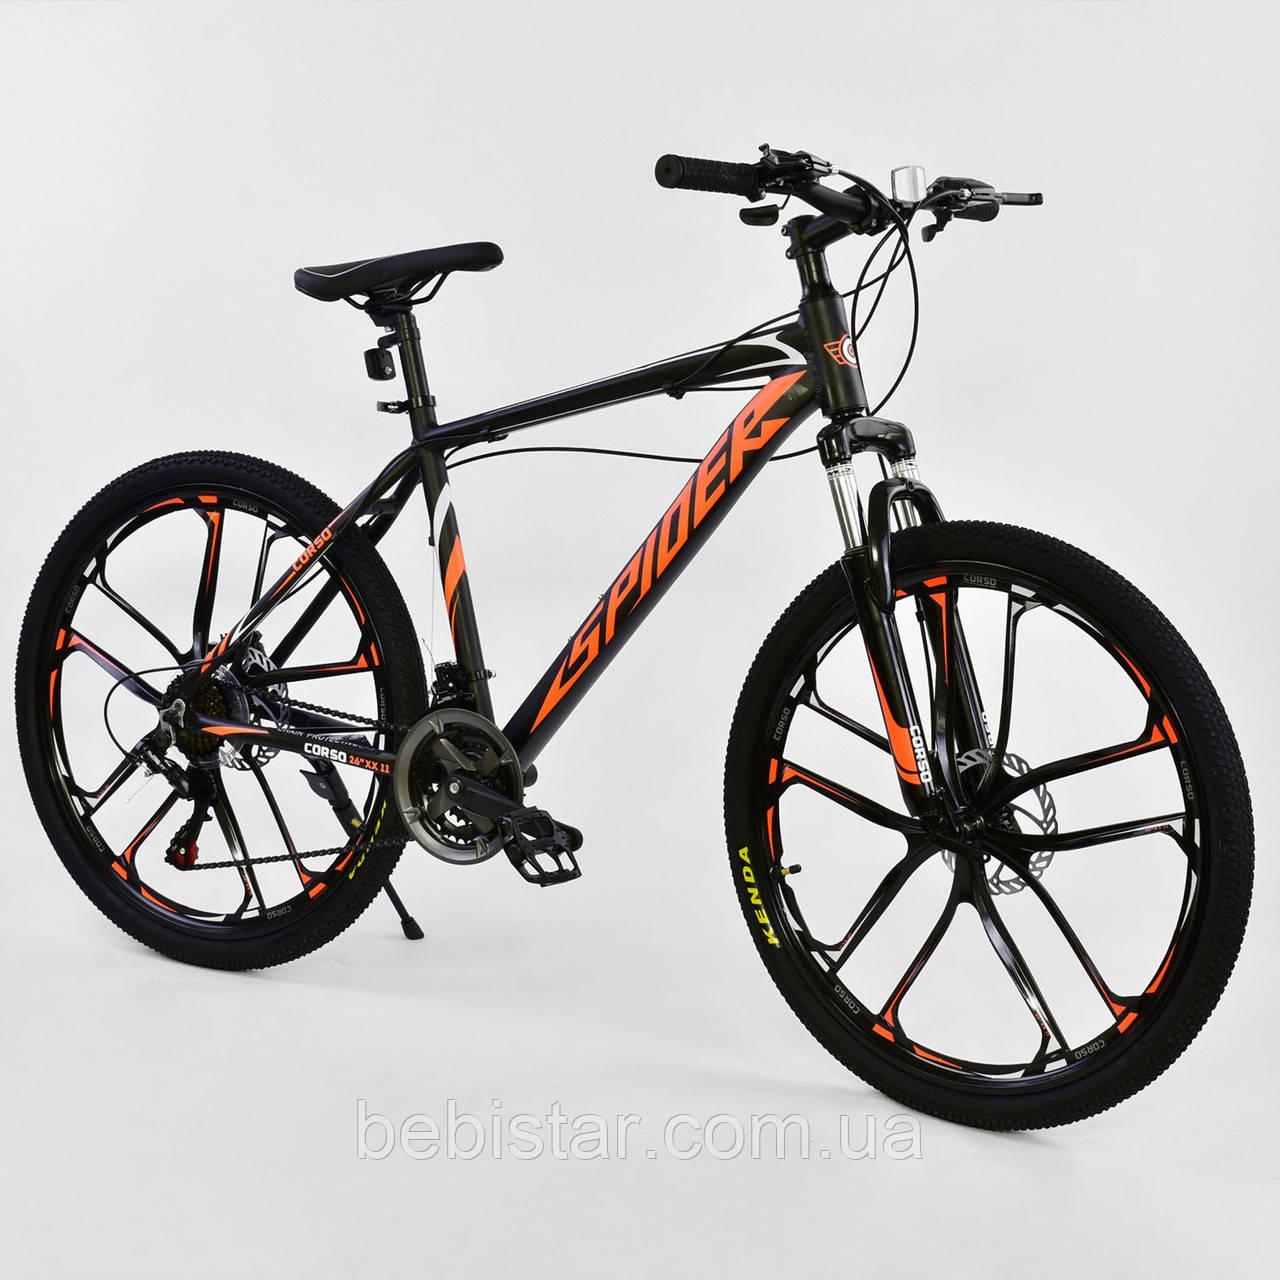 Спортивный велосипед ченый с оранжевым CORSO SPIDER 26 дюймов 21 скорость алюминиевая рама 17дюймов